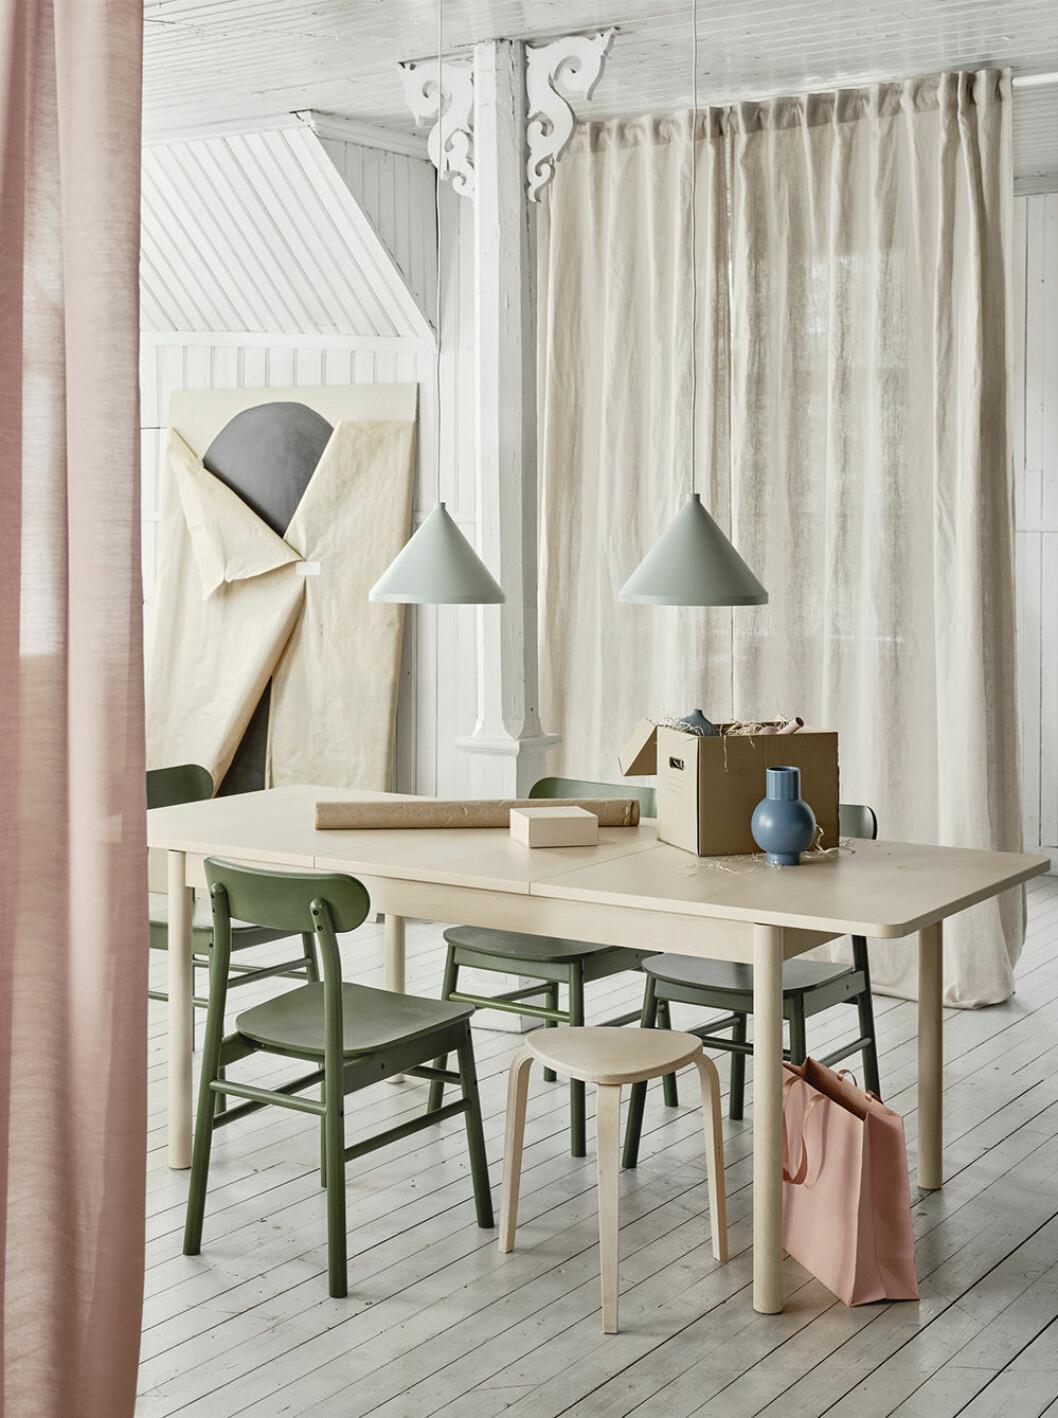 Ikeas nya köksbord Rönninge är ett förlängningsbart bord